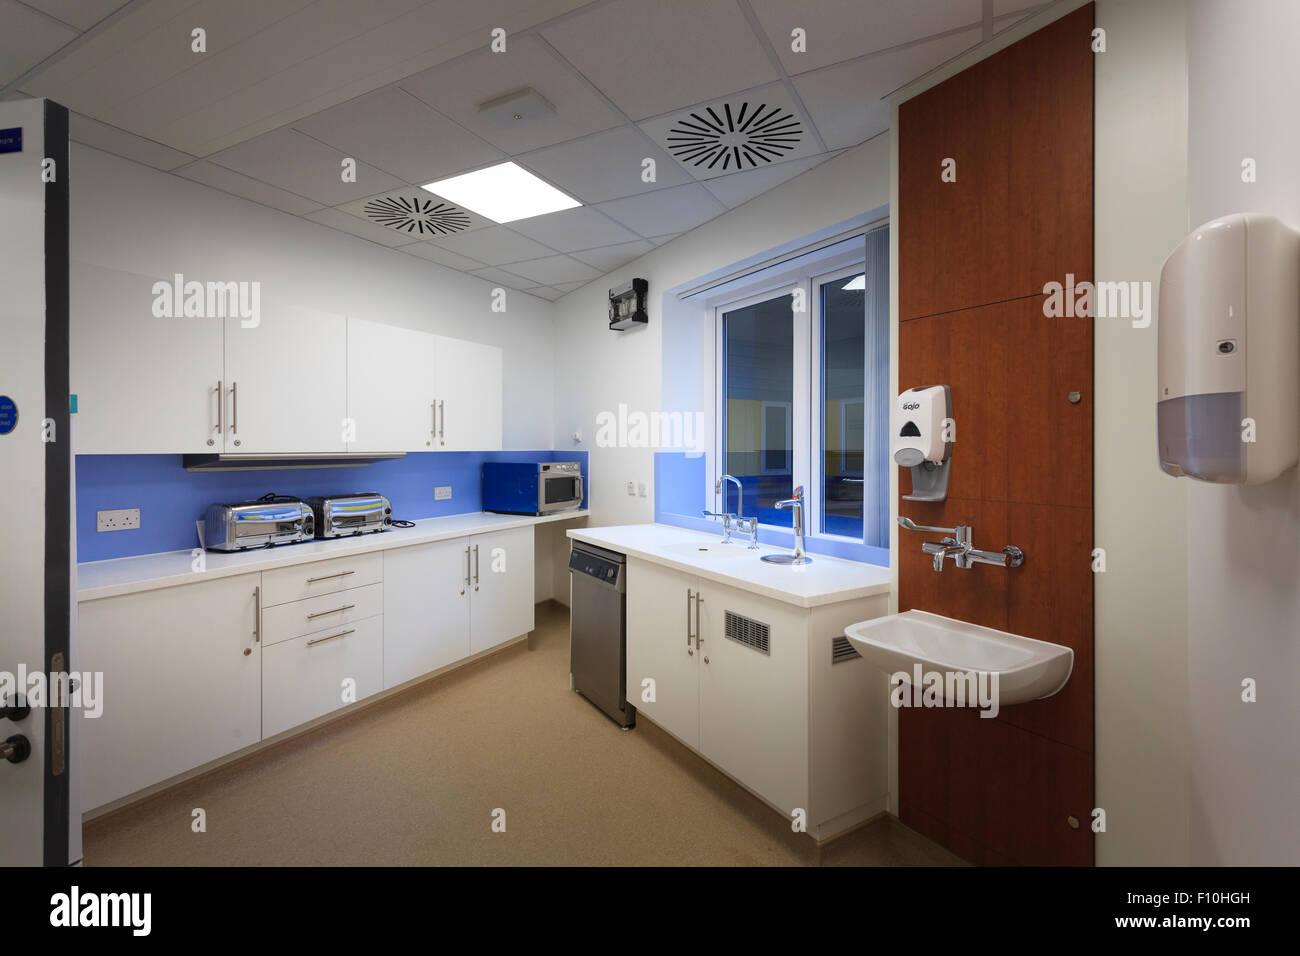 Nouvelle cuisine salle de l'hôpital sans que les gens Photo Stock